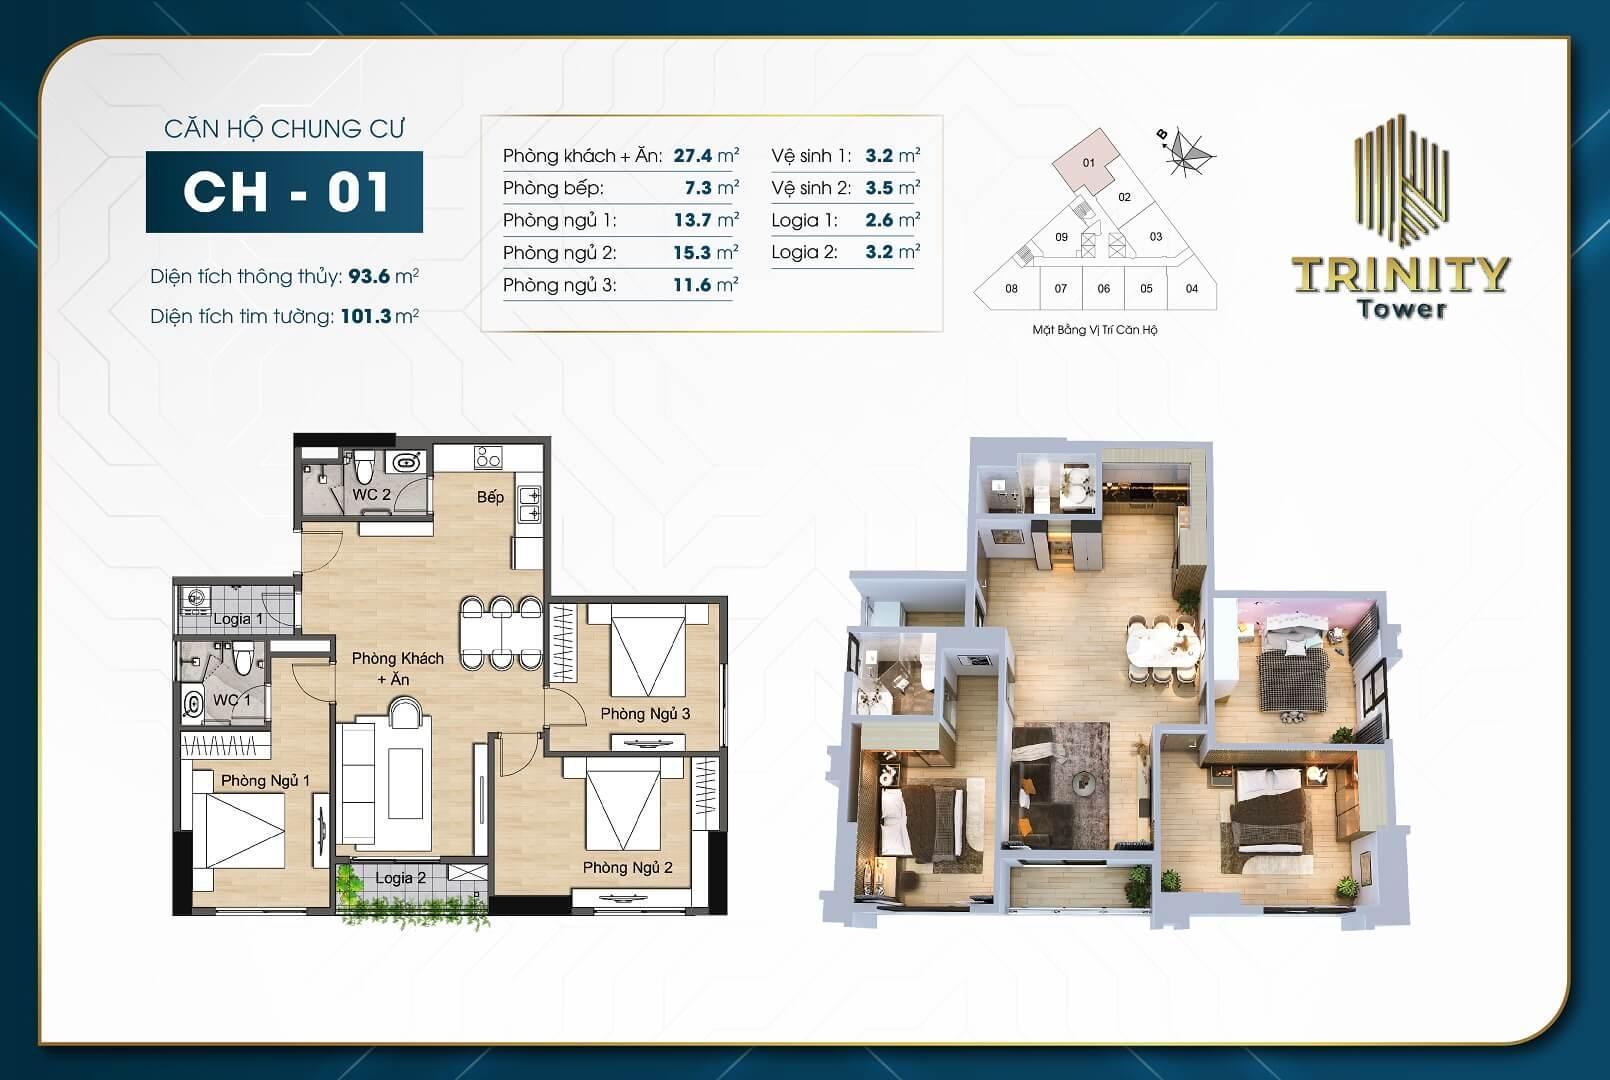 thiết kế chung cư trinity tower căn hộ 01